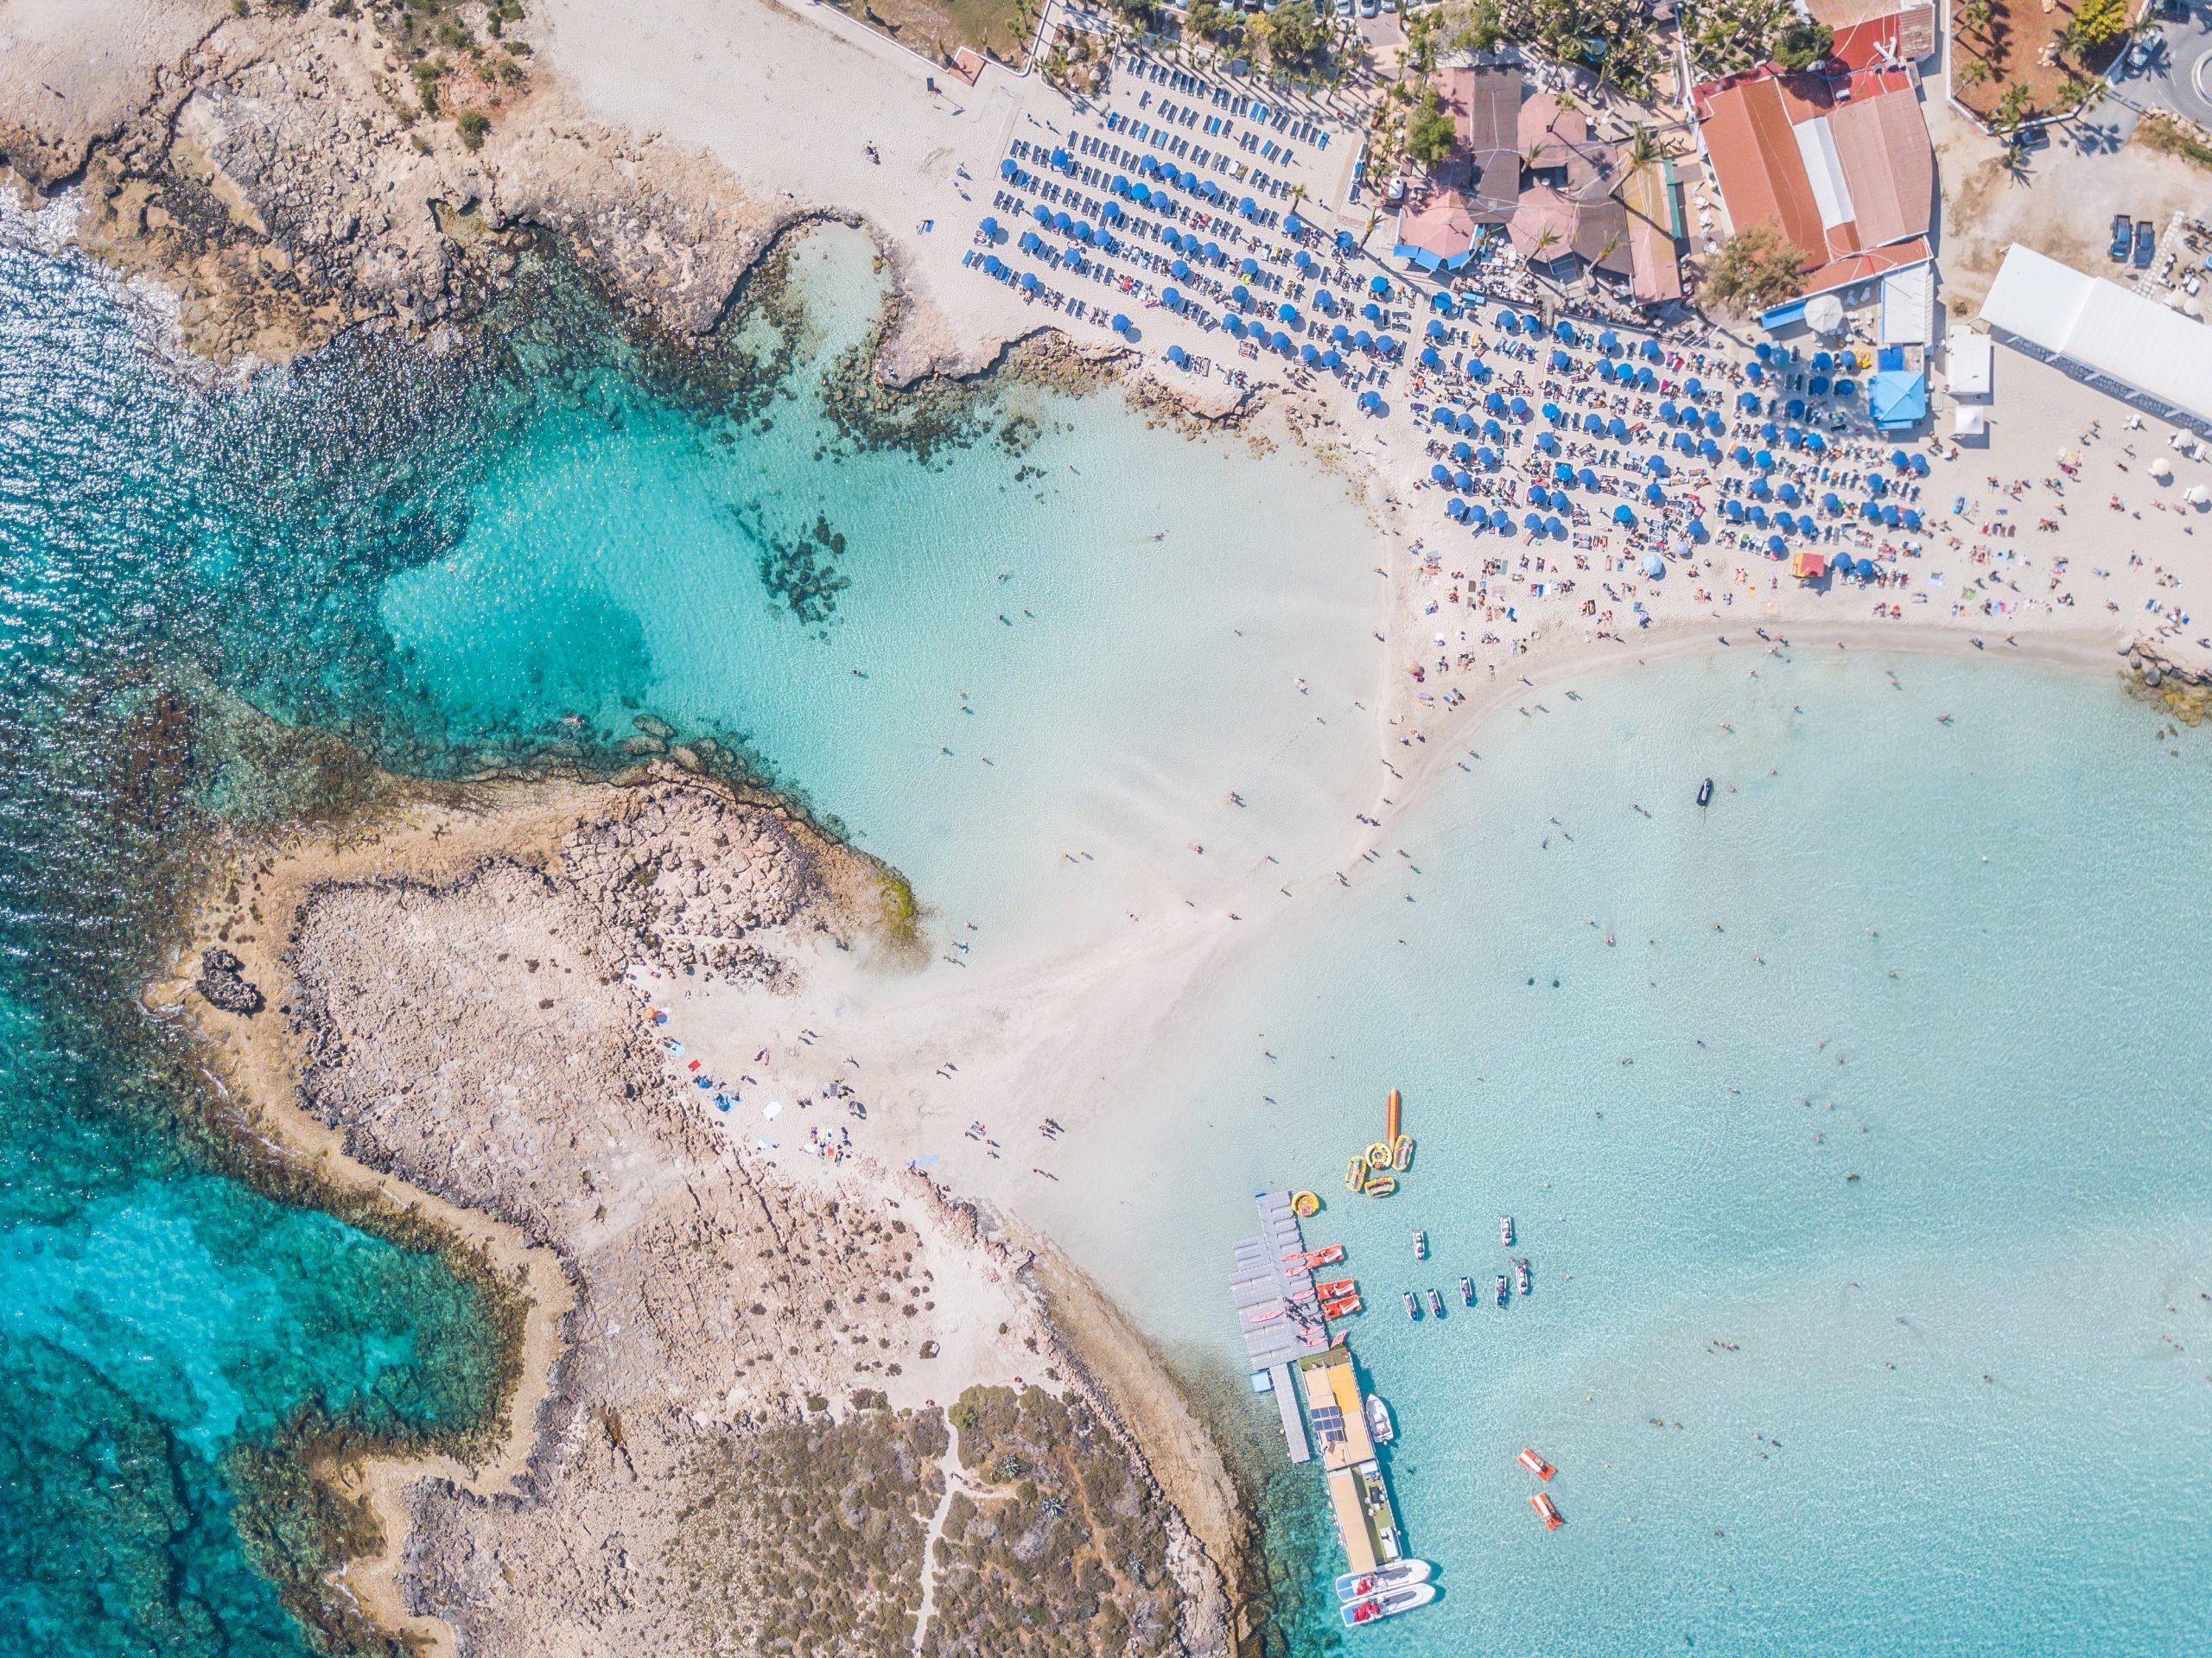 Регистрация компании на Кипре: основание фирмы в 2020 году